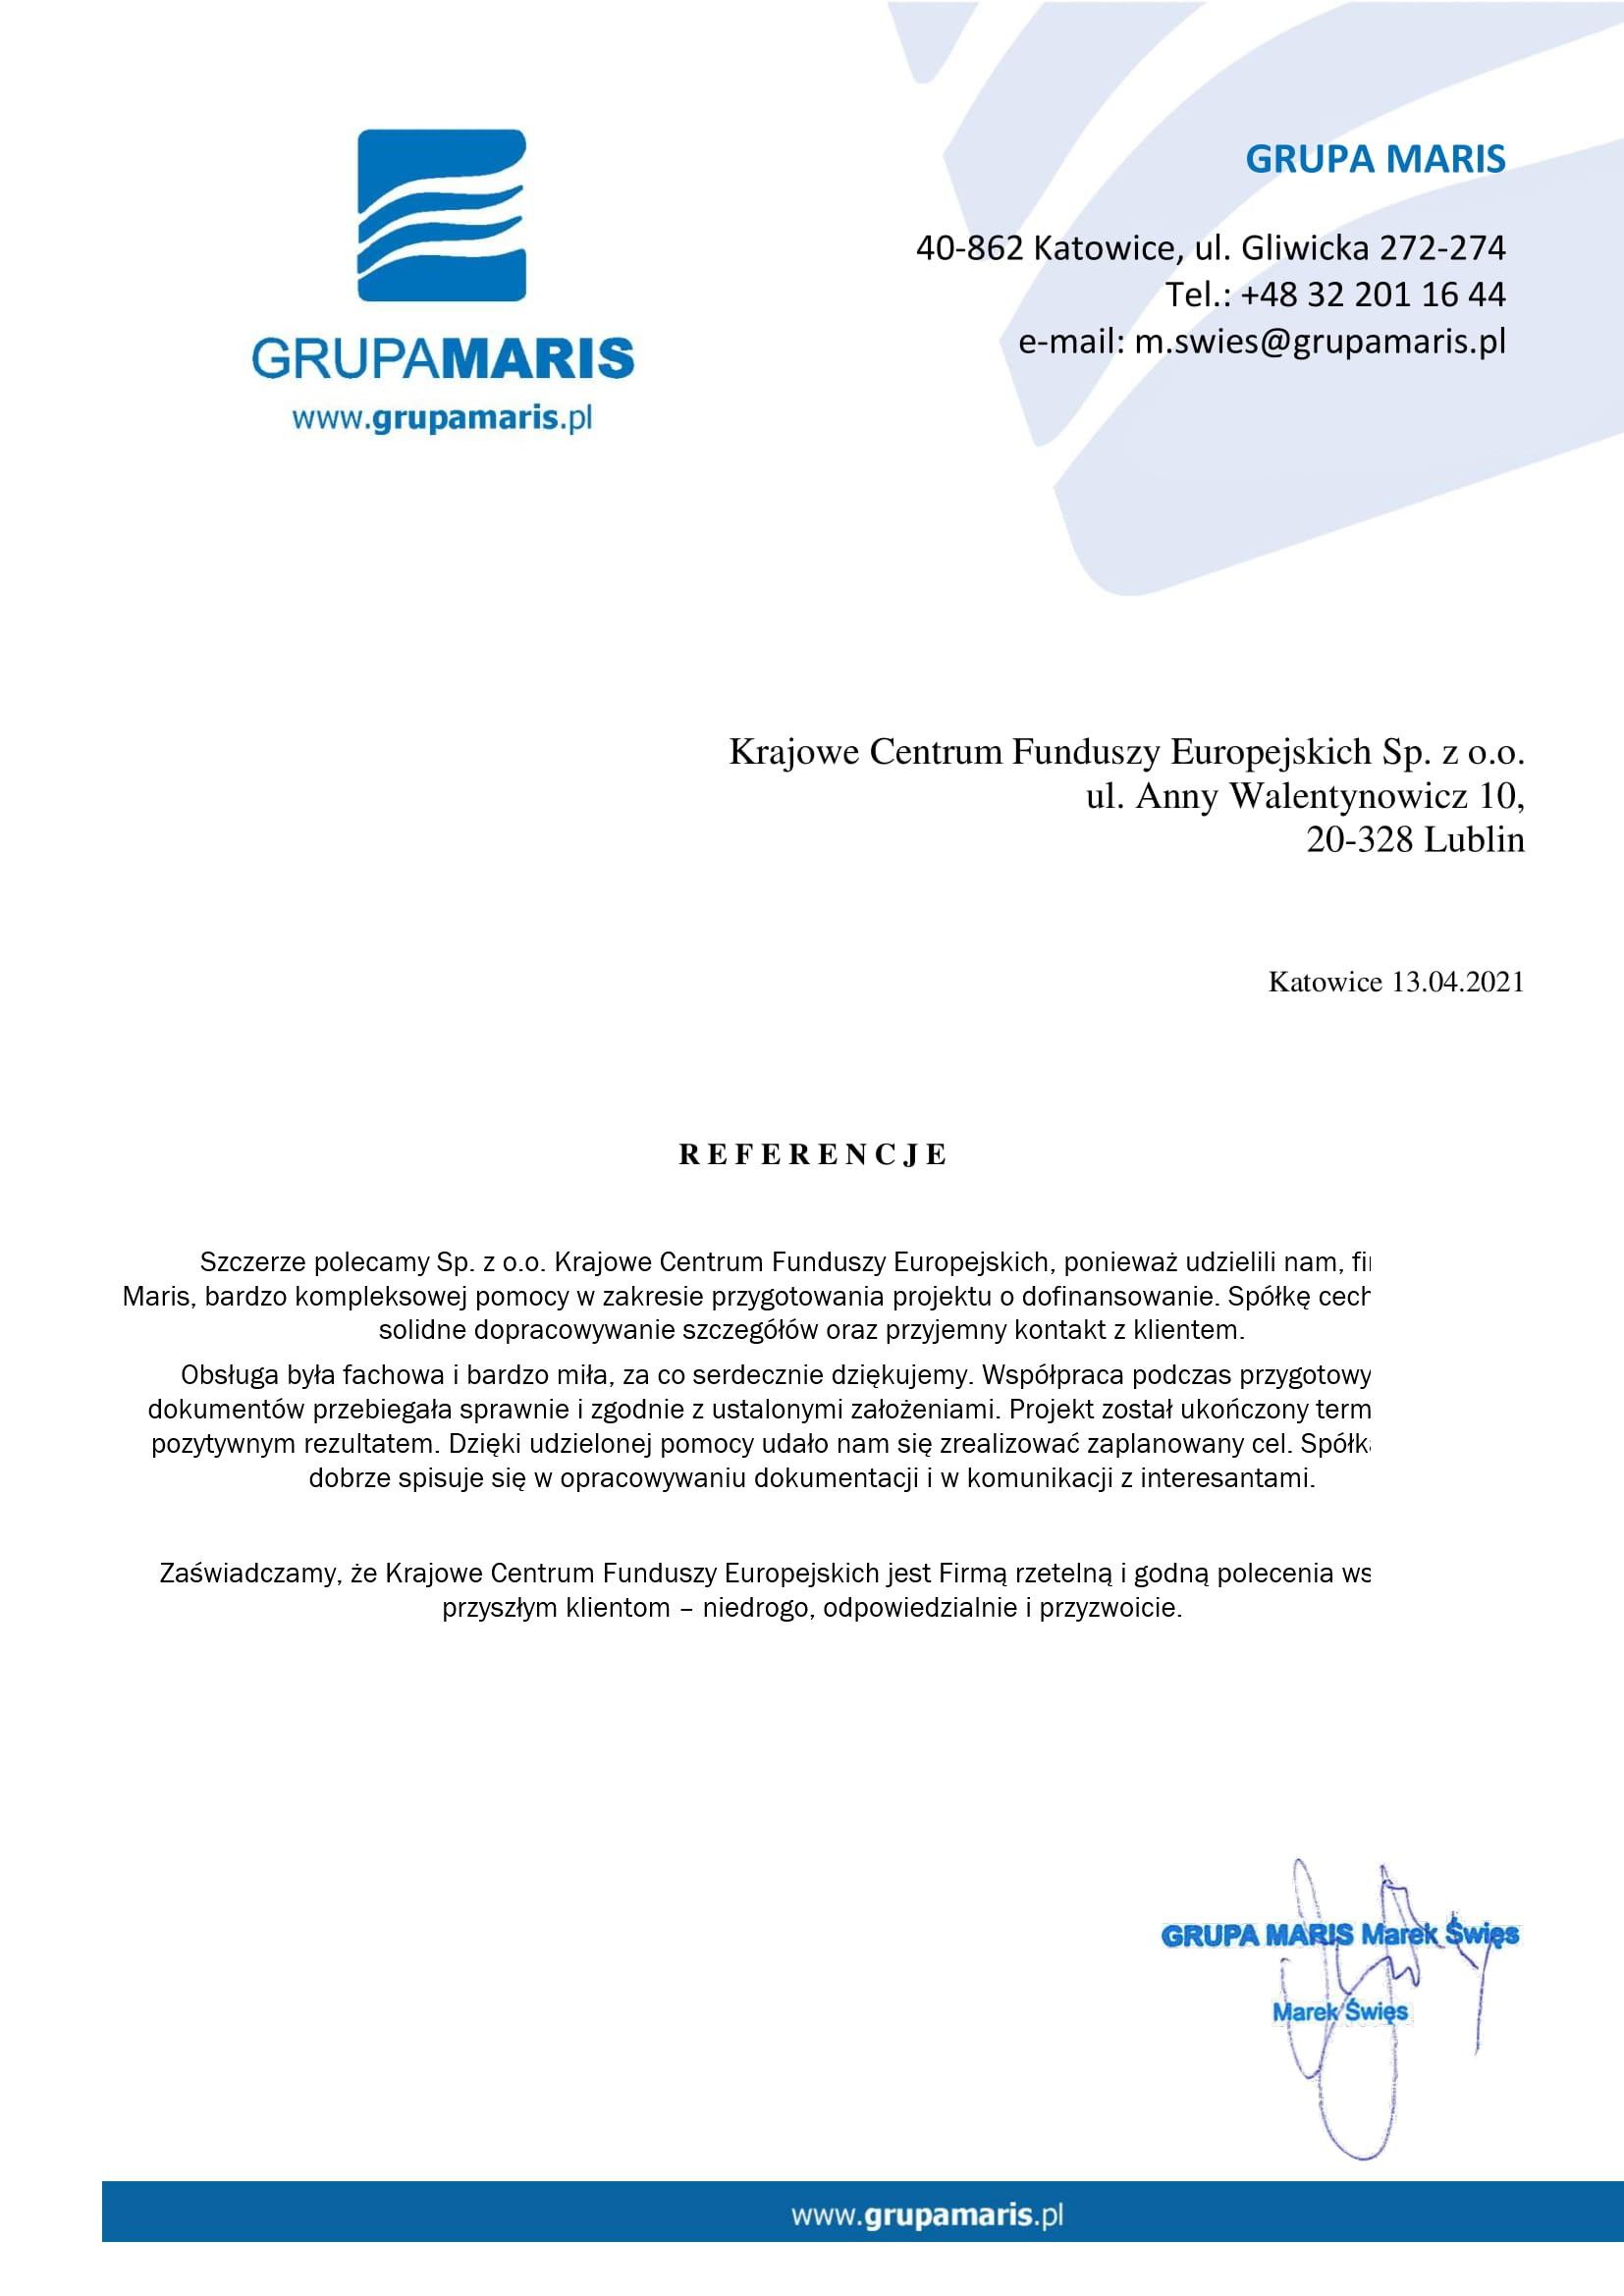 Referencje GrupaMaris 13.04.2021 JPG